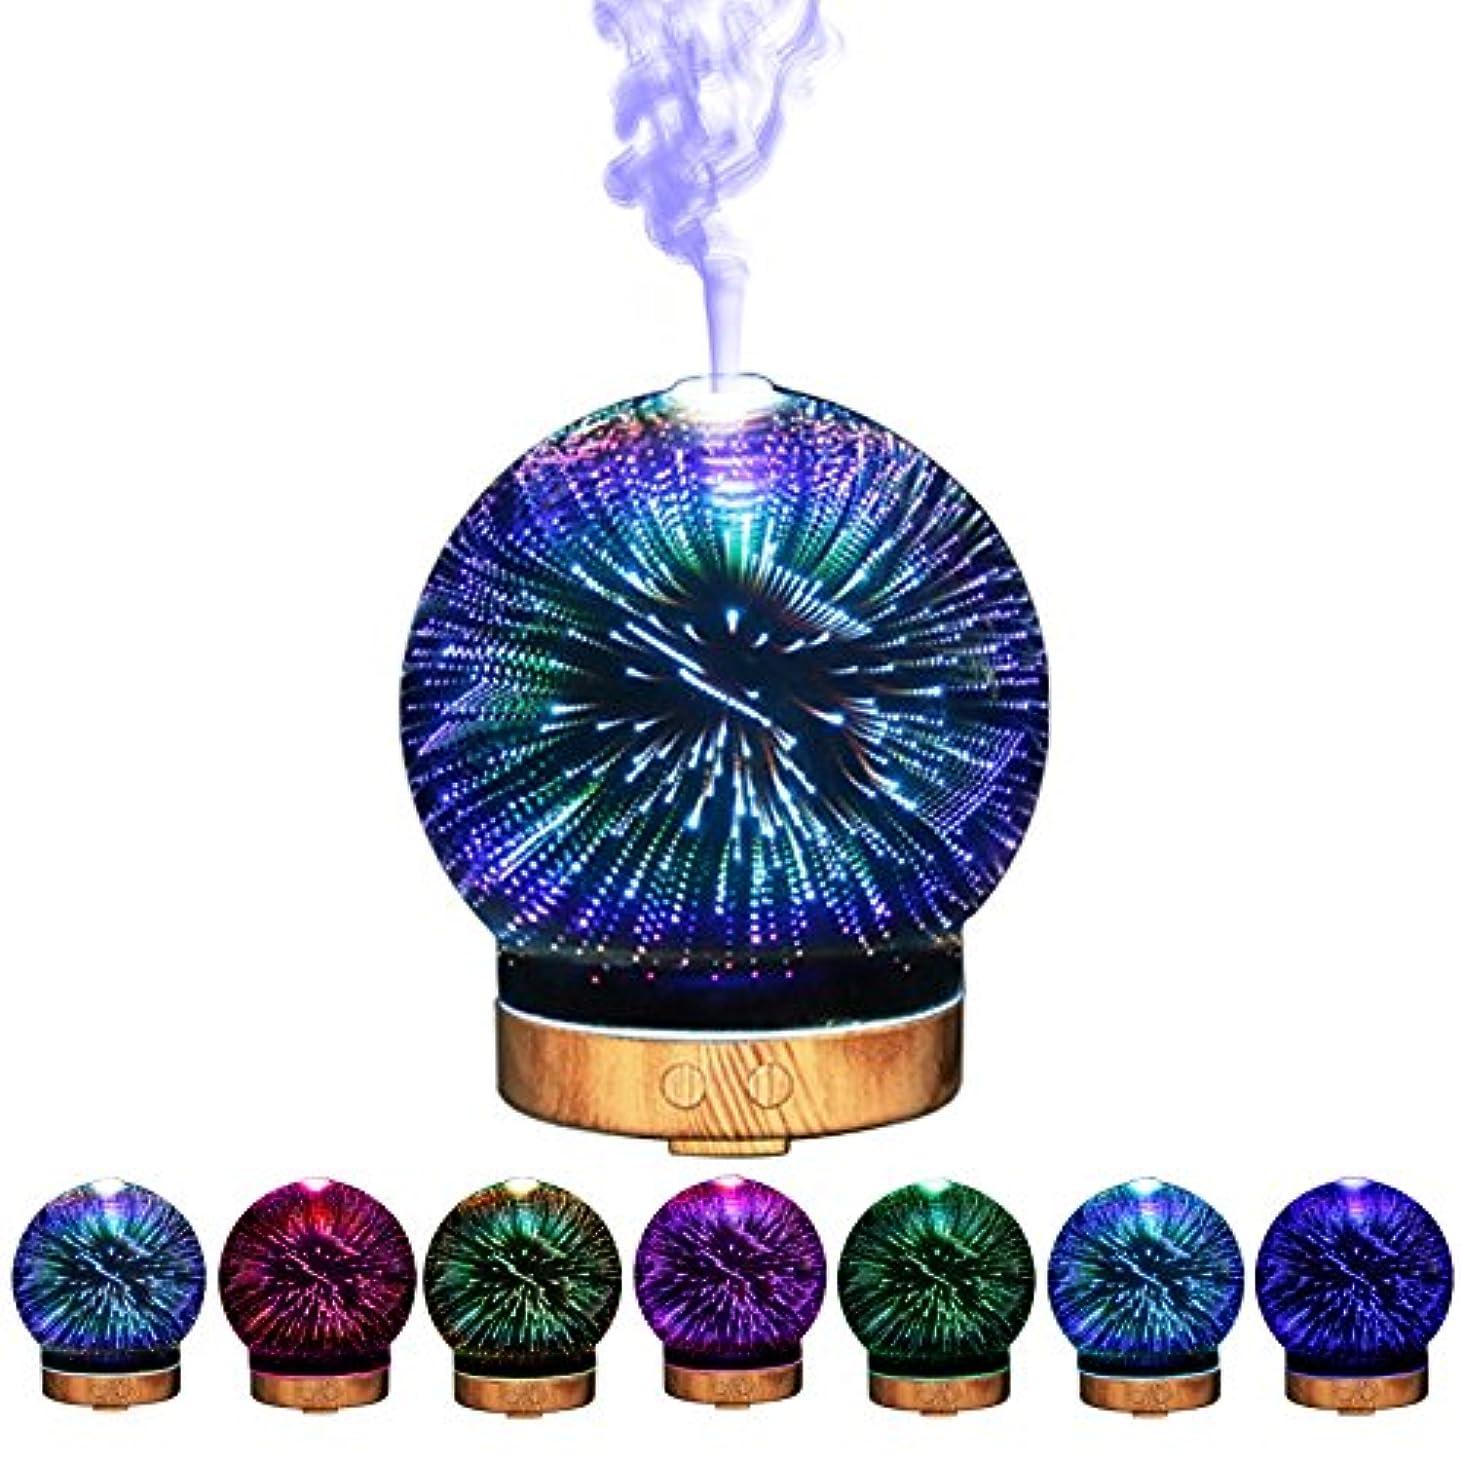 ファイナンス冷蔵する曇った3Dガラスエッセンシャルオイルディフューザー - 超音波アロマ香りディフューザー - クールミスト加湿器色の変更LED夜間照明 - アロマテラピーとオリーブのココナッツオイル用